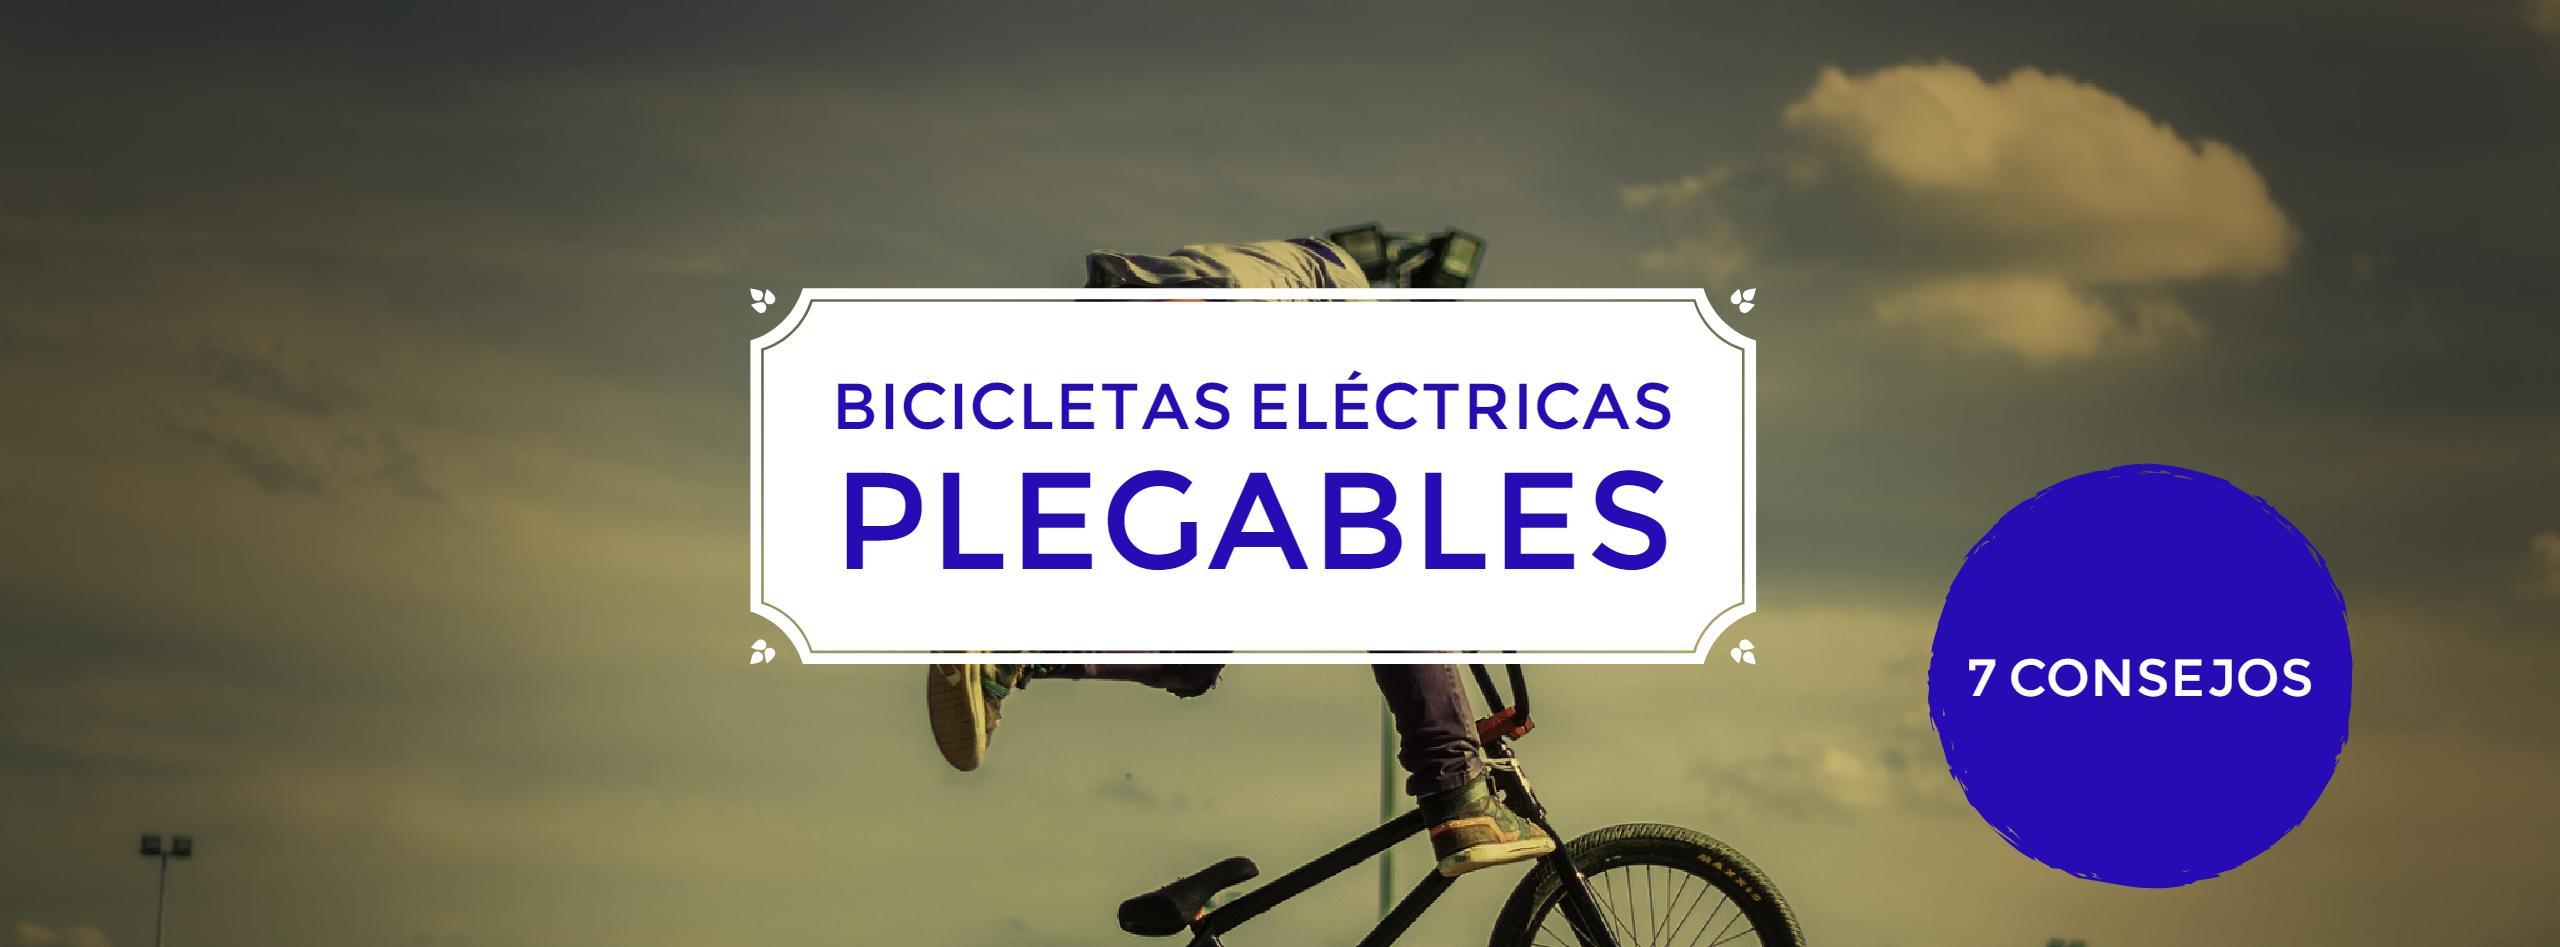 - Bicicletas eléctricas plegables